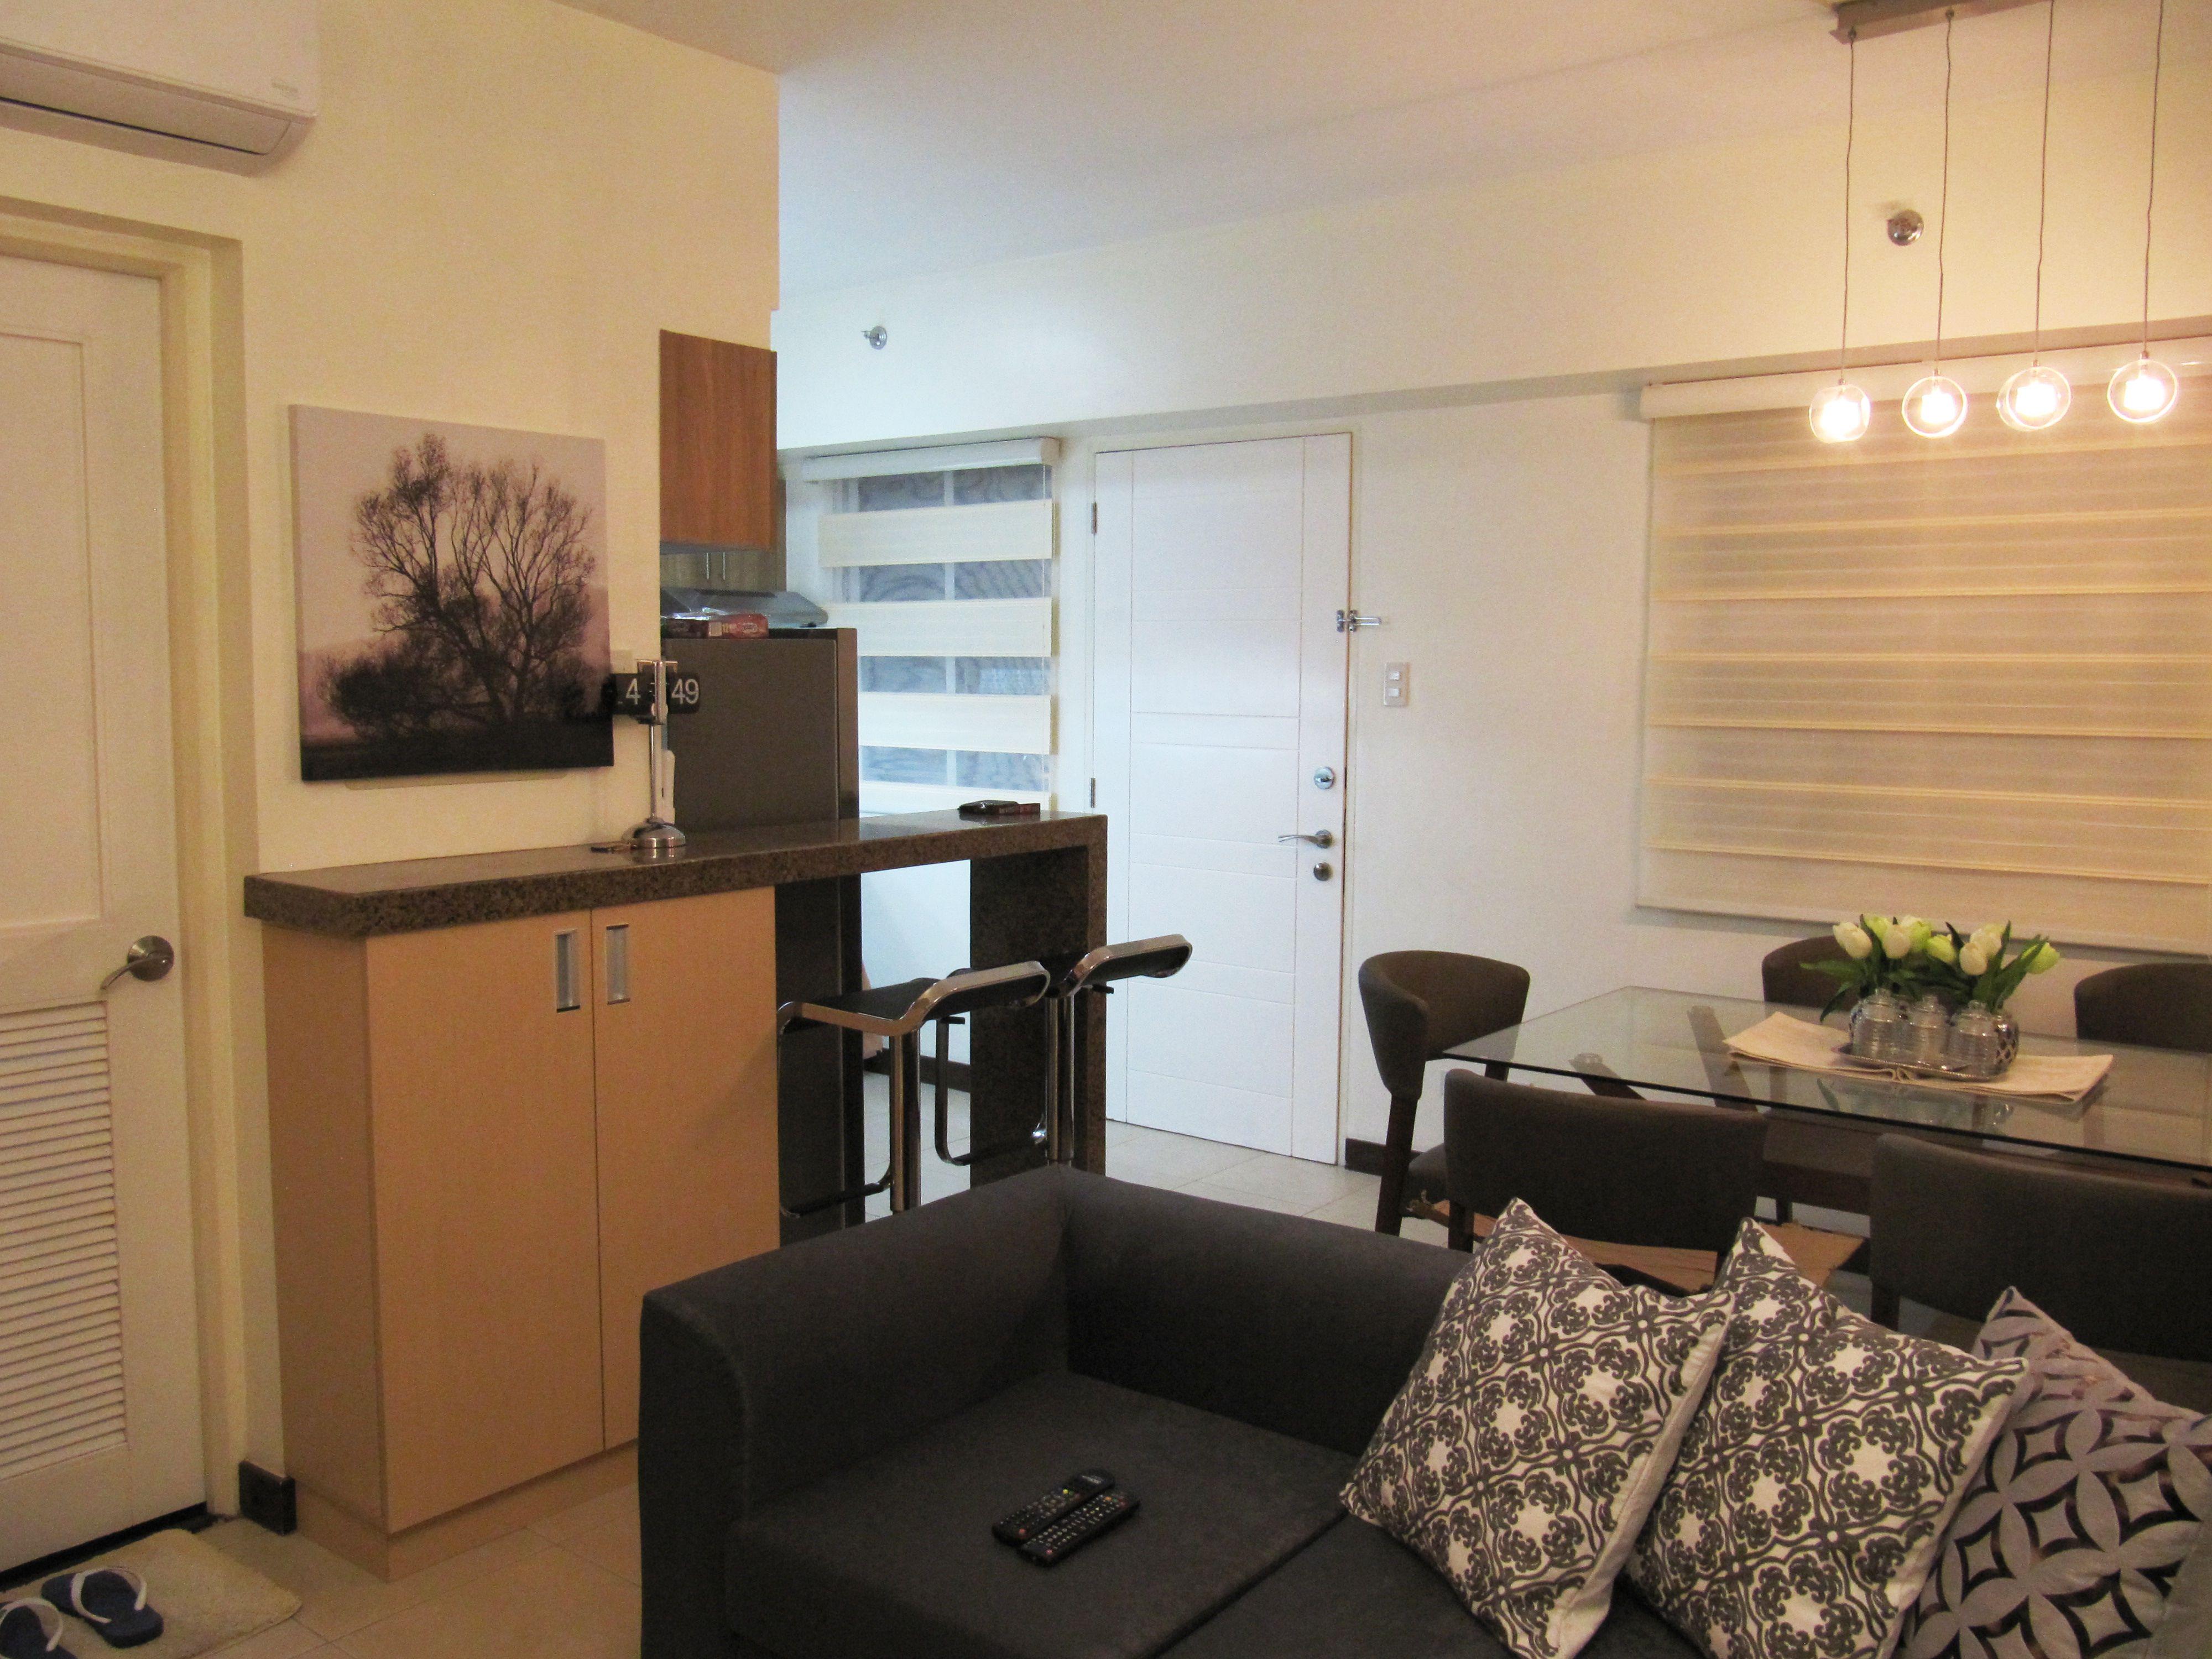 bedroom unit stellar place quezon city condo interior designspace also best condominium goals images in home decor small rh pinterest